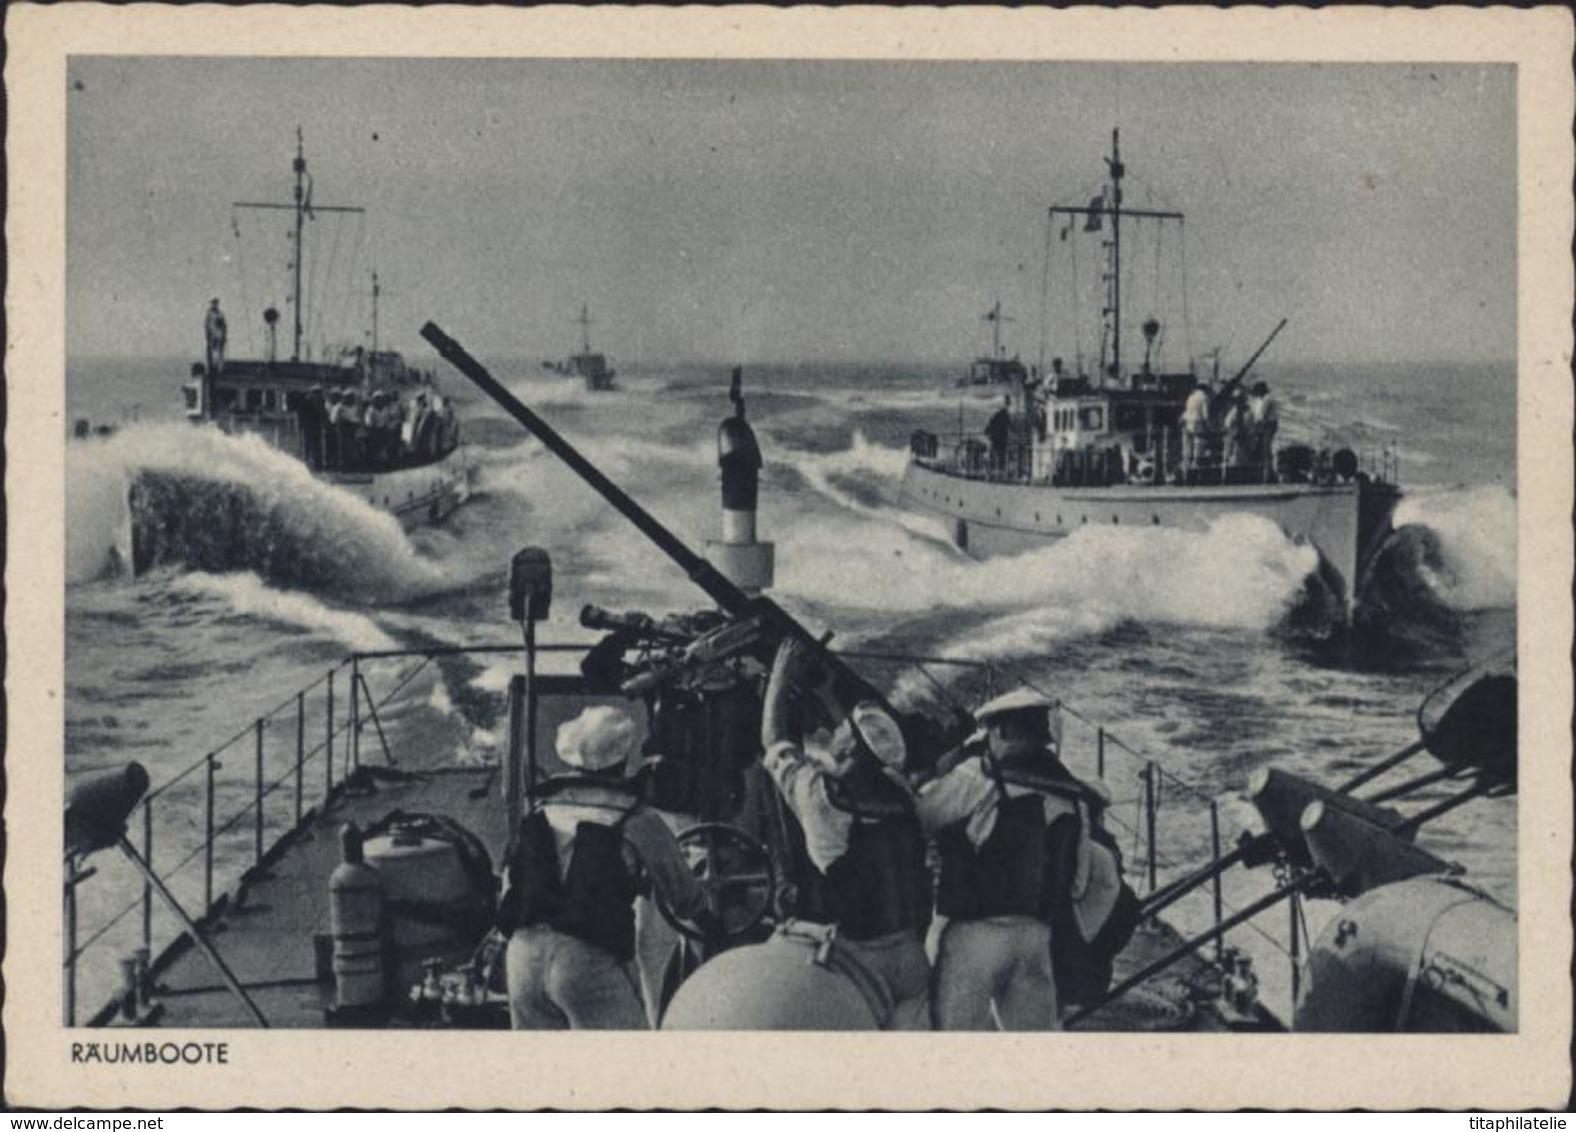 Sur CP Räumboote Armée Allemande Vedette Rapide Marine Guerre 39 45 CAD Muet 25 6 43 Cachet Corbeau Feldpost - Briefe U. Dokumente